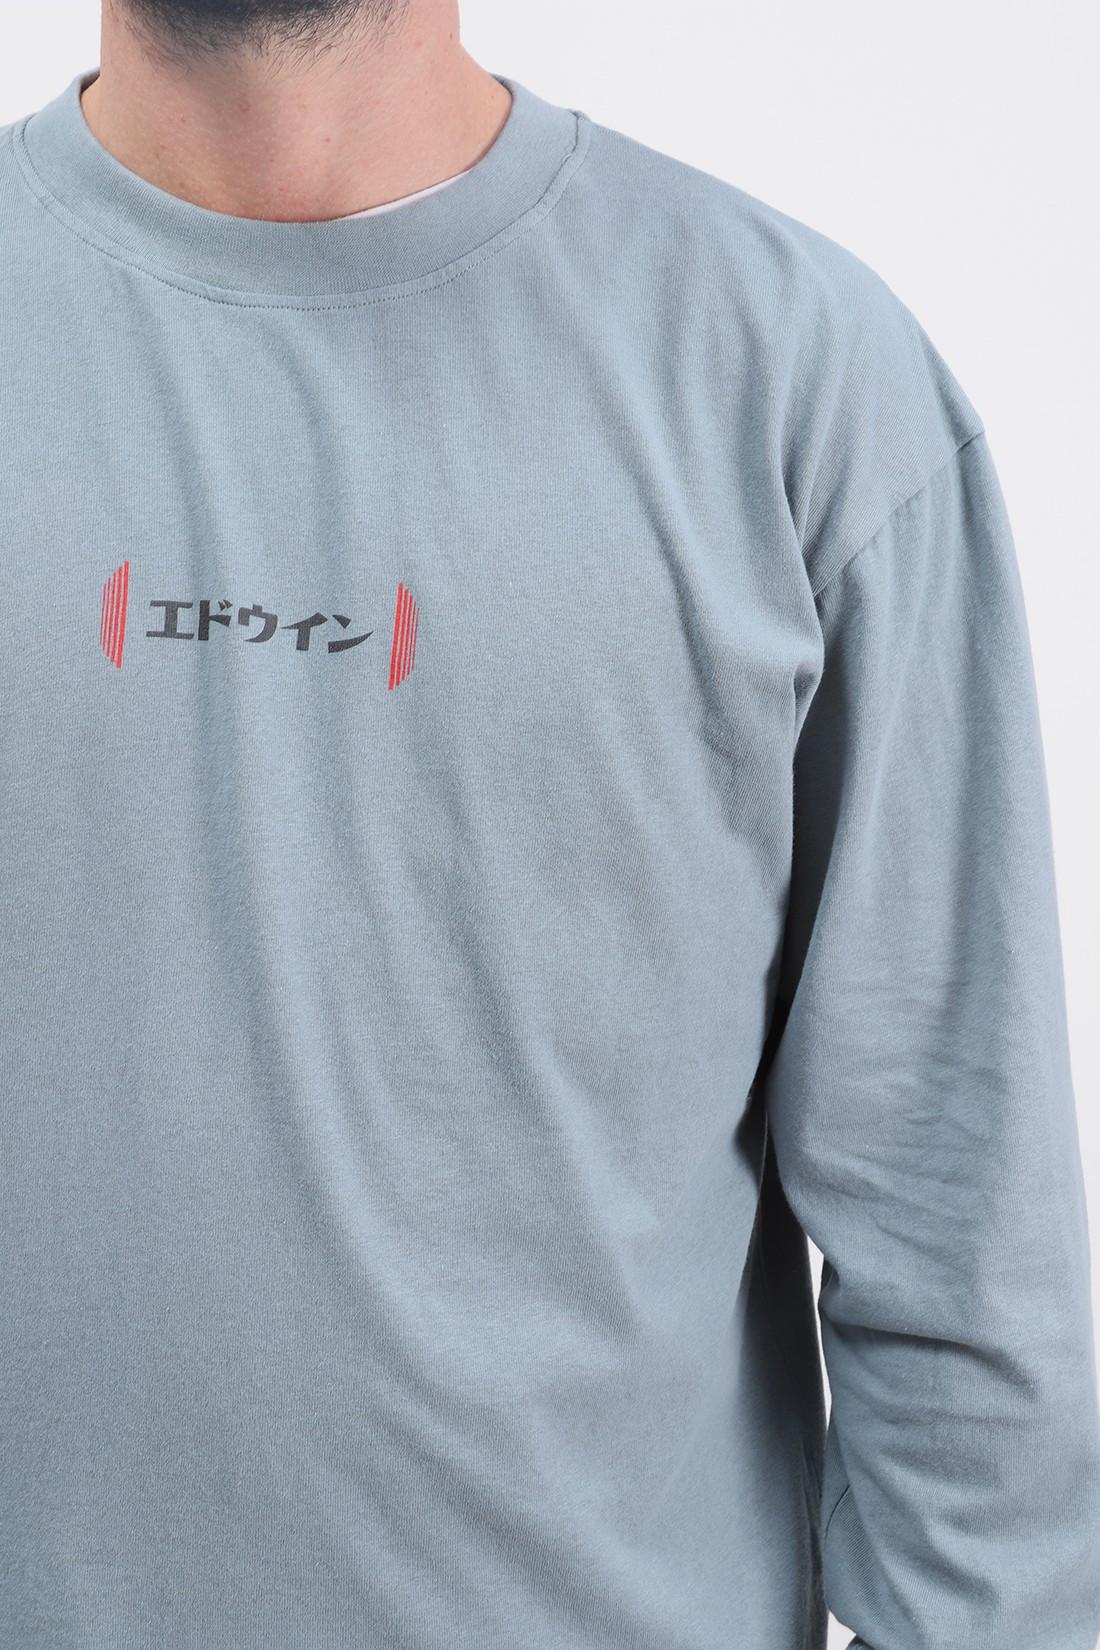 EDWIN / Aurora ls tee shirt Tarmac